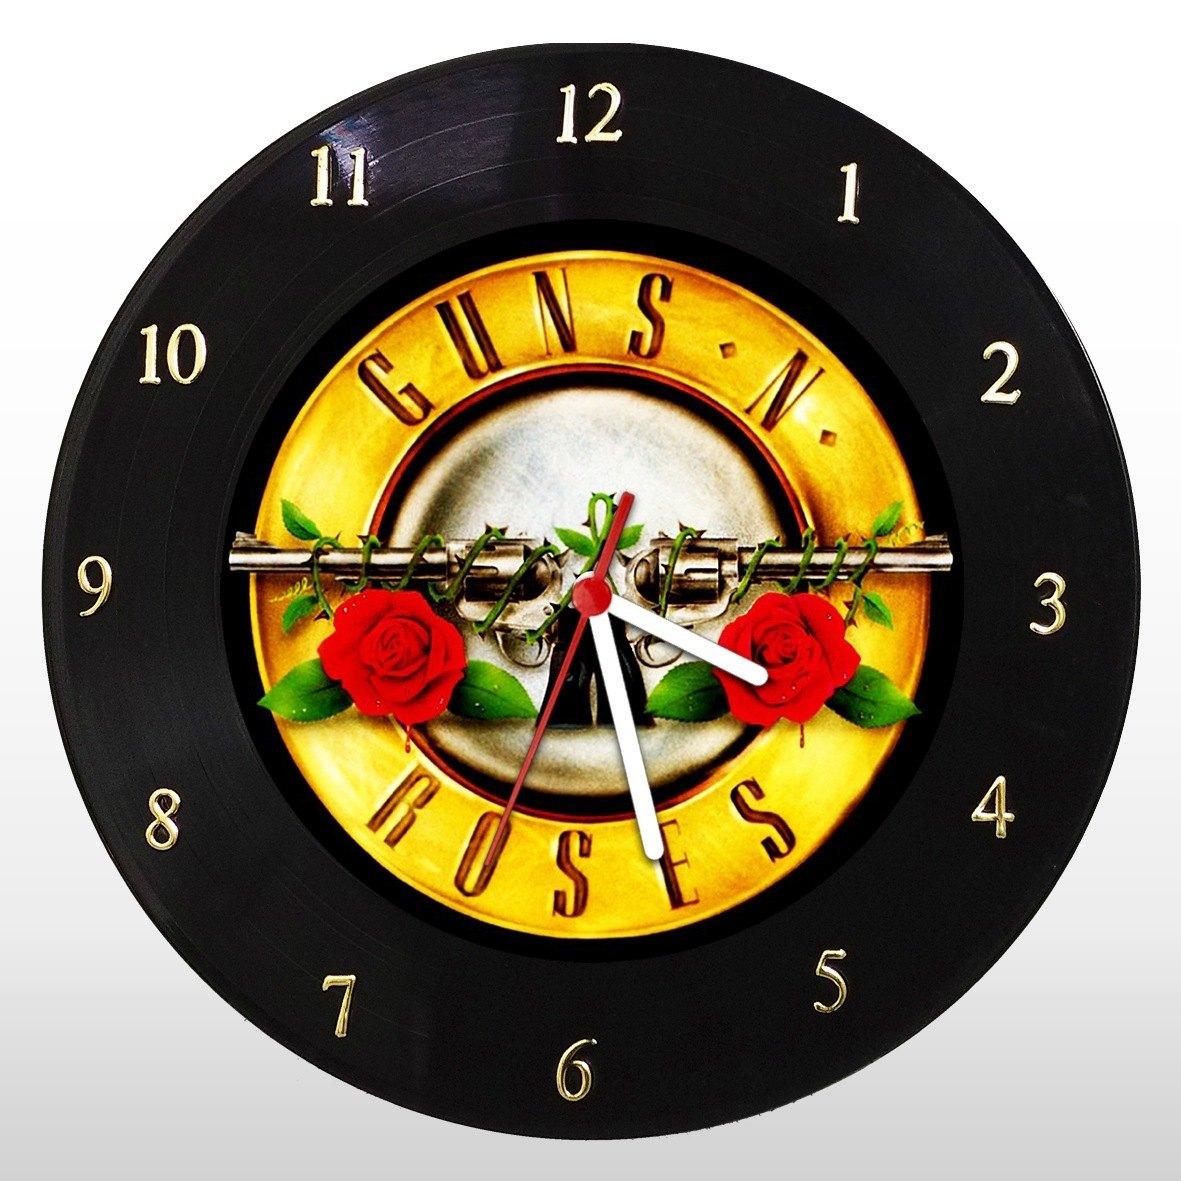 Guns'n'Roses  - Relógio de Parede em Disco de Vinil - Mr. Rock - Guns